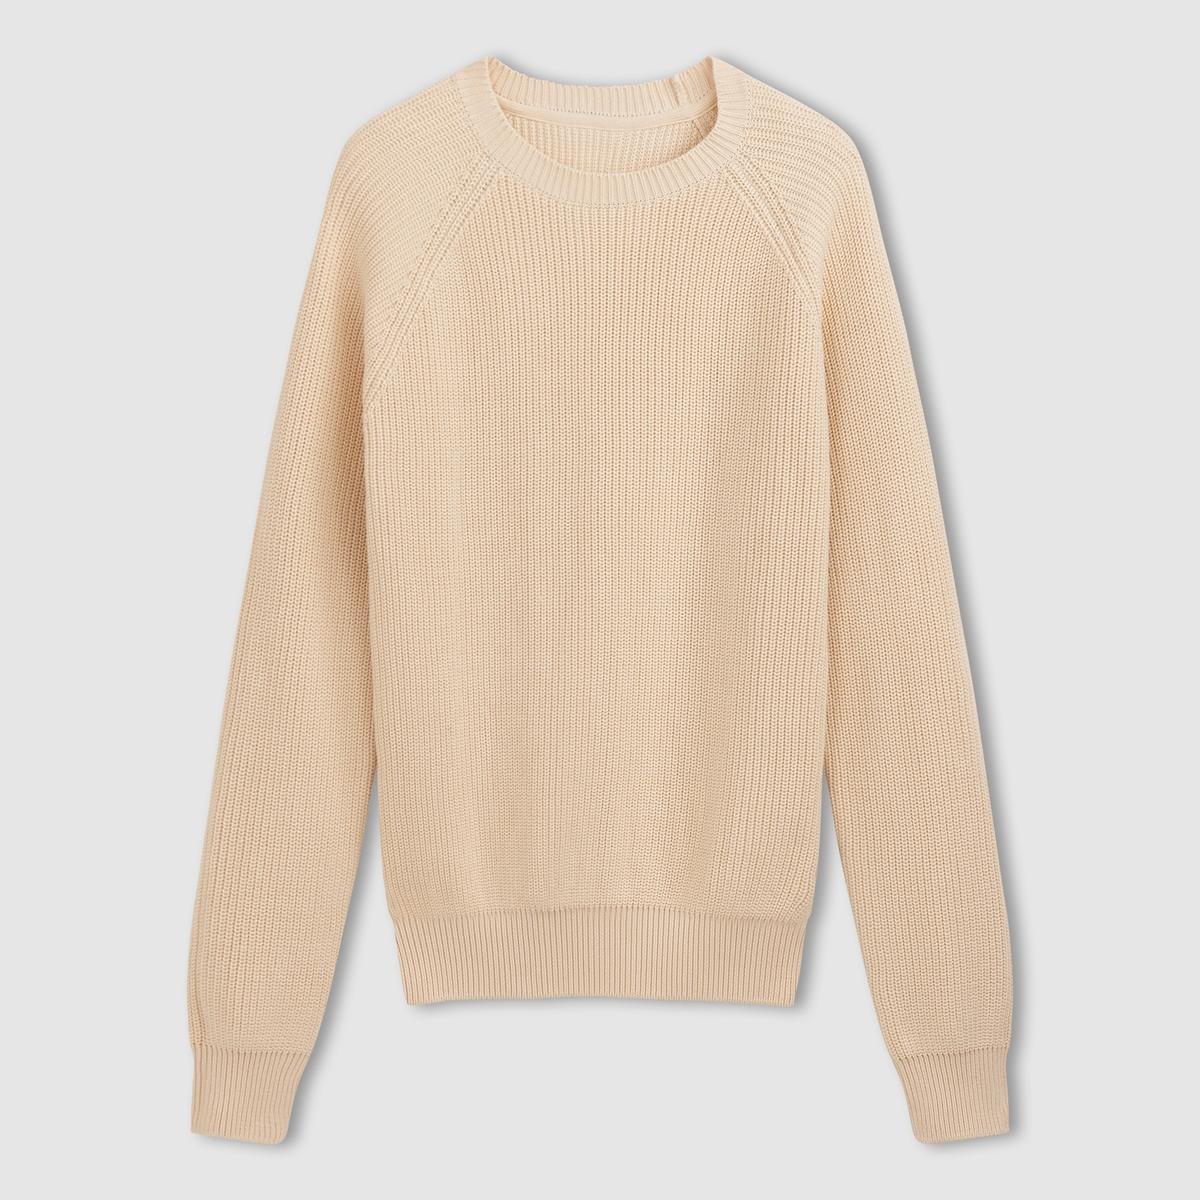 Пуловер из фантазийного трикотажа, 100% хлопкаСостав и описаниеМатериал: 100% хлопка.Марка: R essentiels.<br><br>Цвет: экрю<br>Размер: M